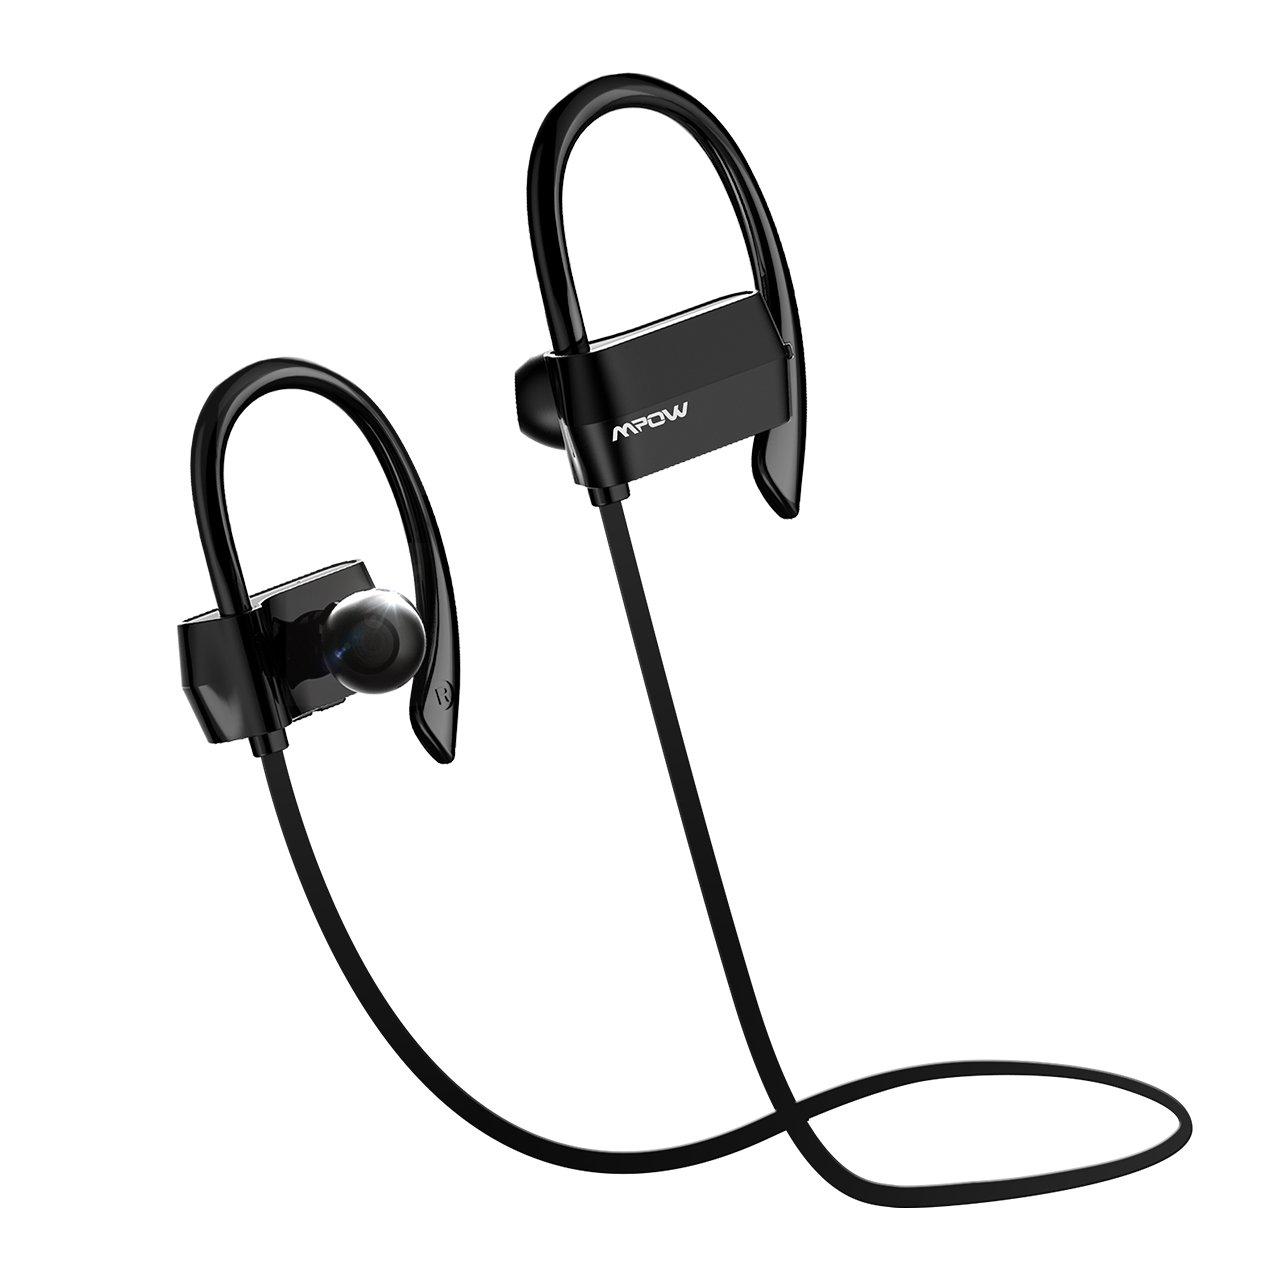 Altoparlante Bluetooth 4.1 20W Mpow Bluetooth Altoparlante Wireless 4.1 Portatile con Uscita 20W, Avanzata Bass, HD Audio, Durata 8 Ore, Microfono Incorporato, Porta Audio da 3,5 mm per Huawei P9/ P8, iPhone 7/ 6/ 6s/ 5/ 5s, iPad, Nexus, HTC